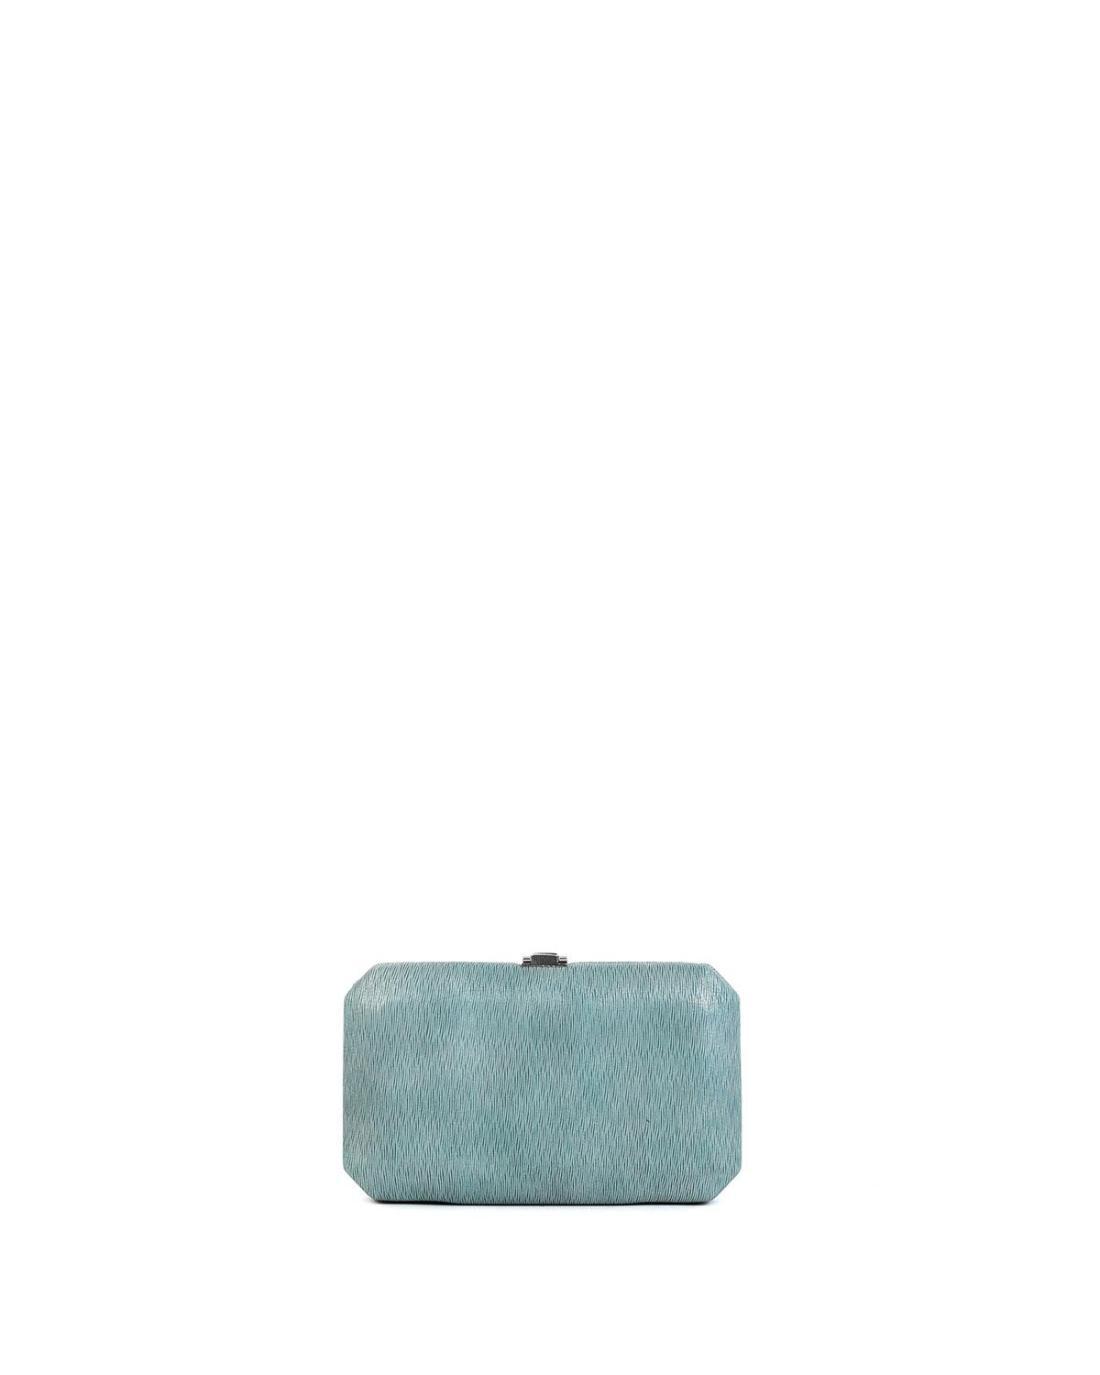 Light blue clutch